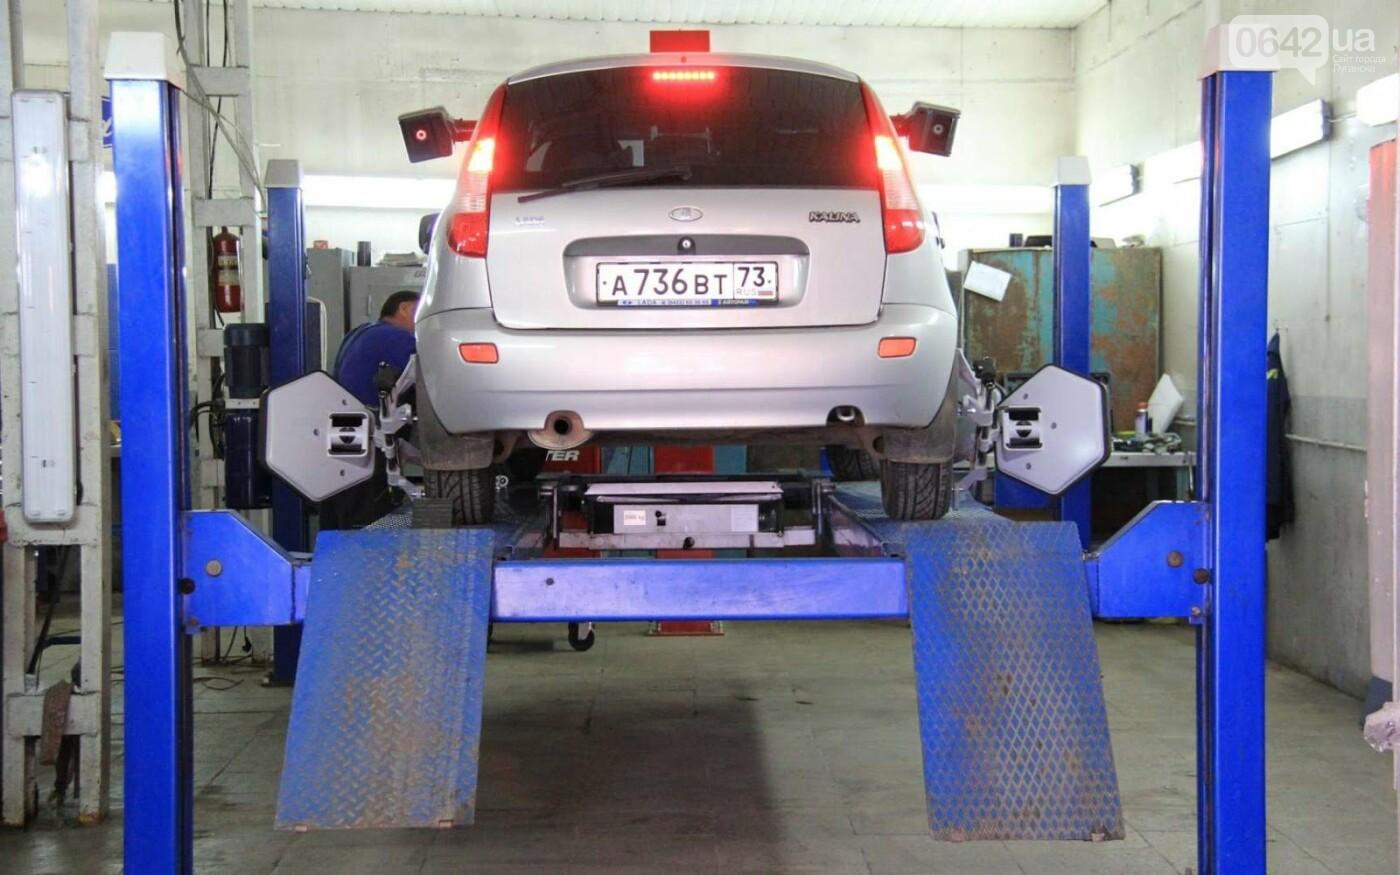 Регулировка развал-схождения автомобиля, фото-1